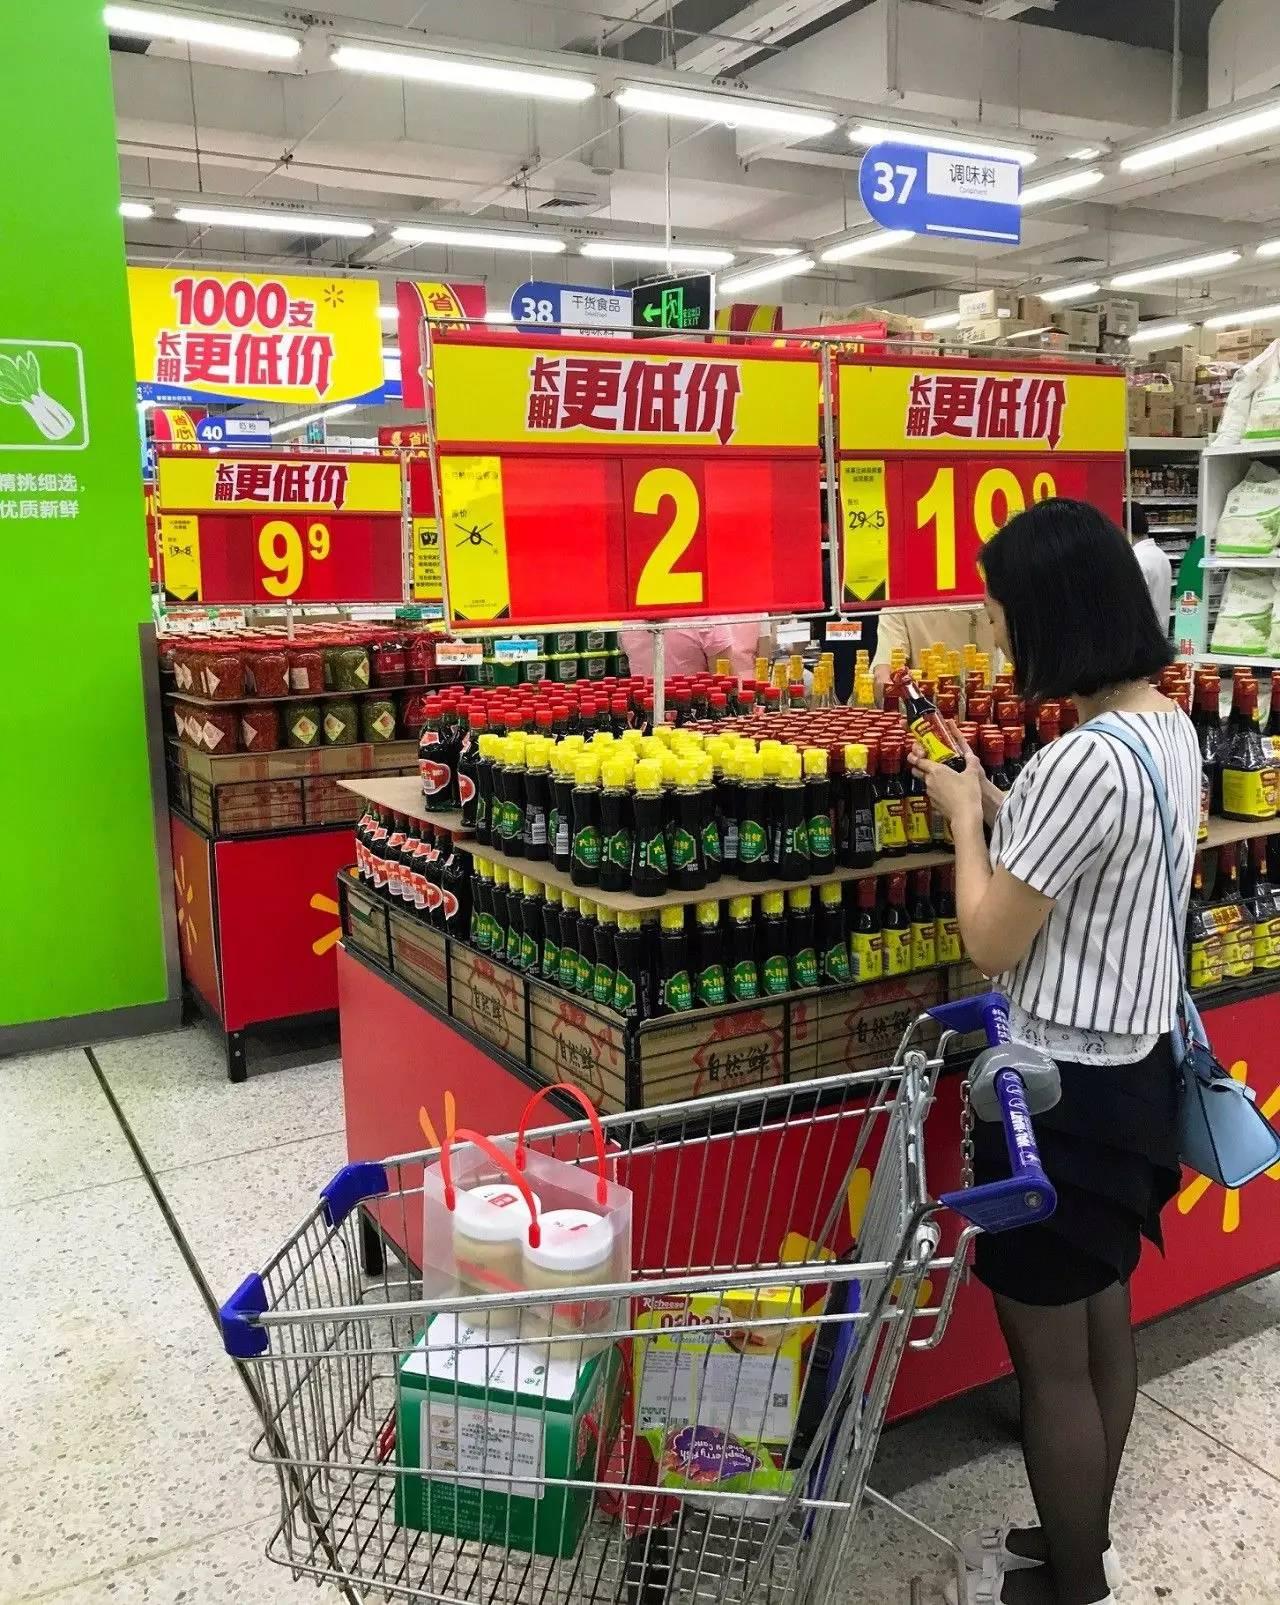 """沃尔玛升级低价策略 全国门店推""""1000支长期更低价""""商品"""